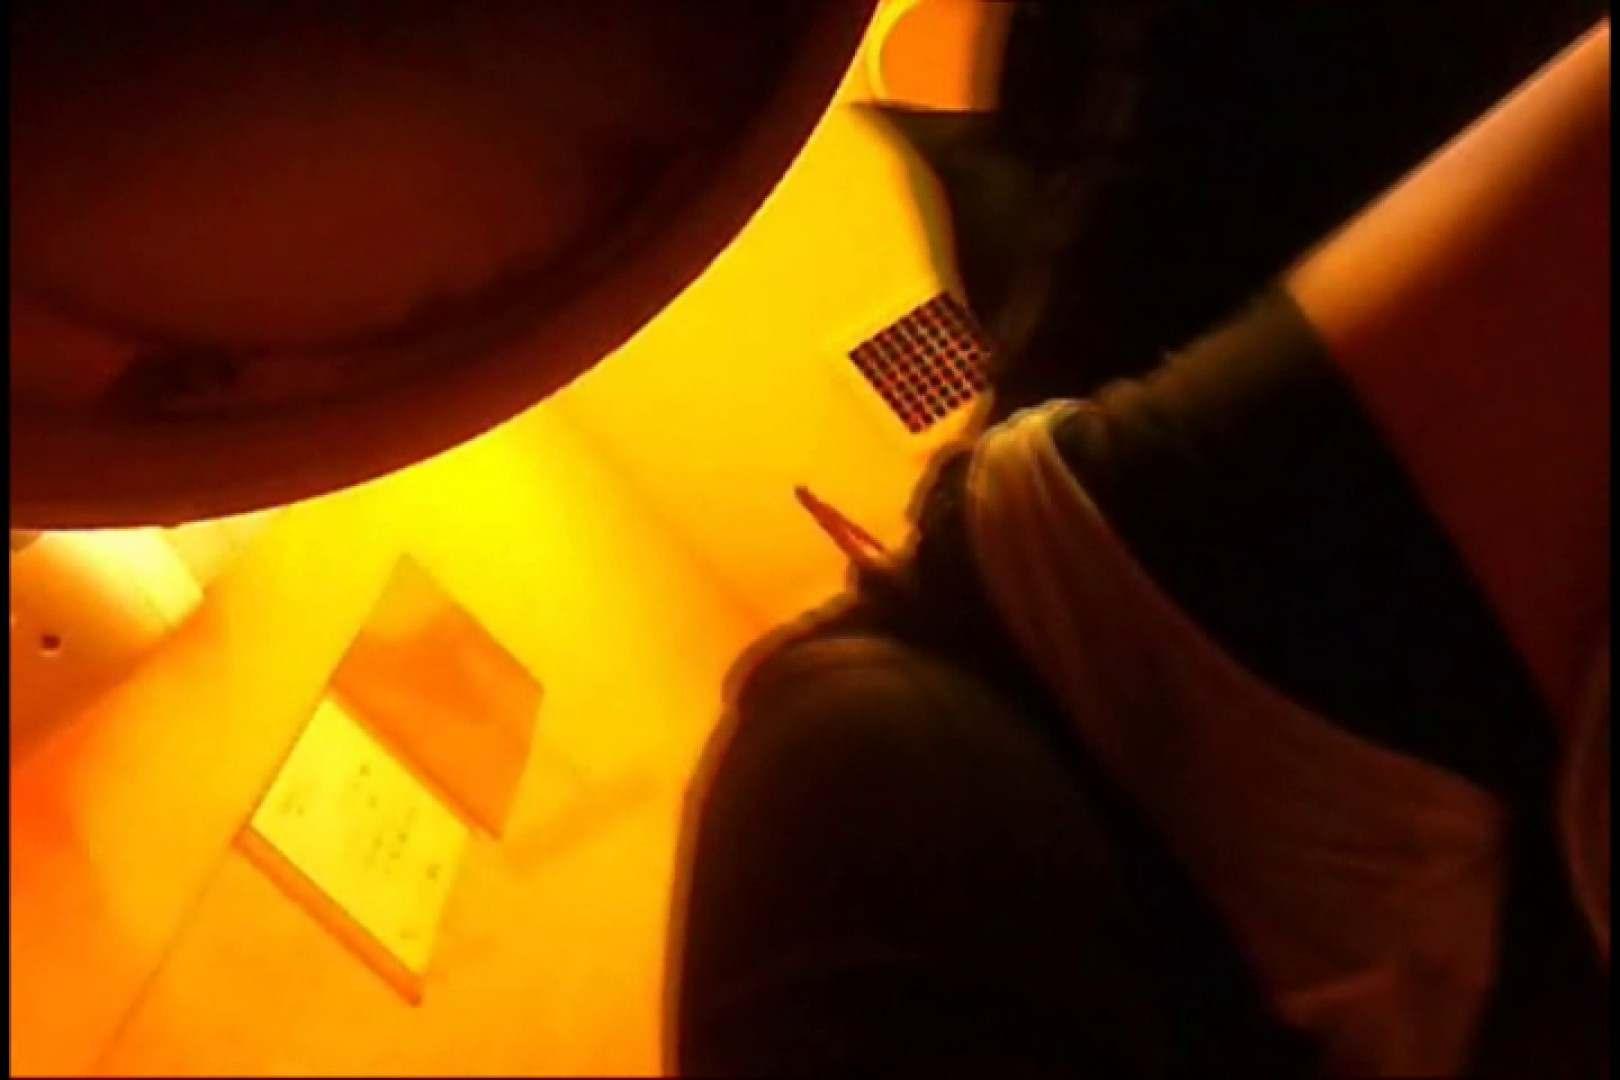 マダムが集まるデパートお手洗い Vol.20 HなOL SEX無修正画像 105pic 2